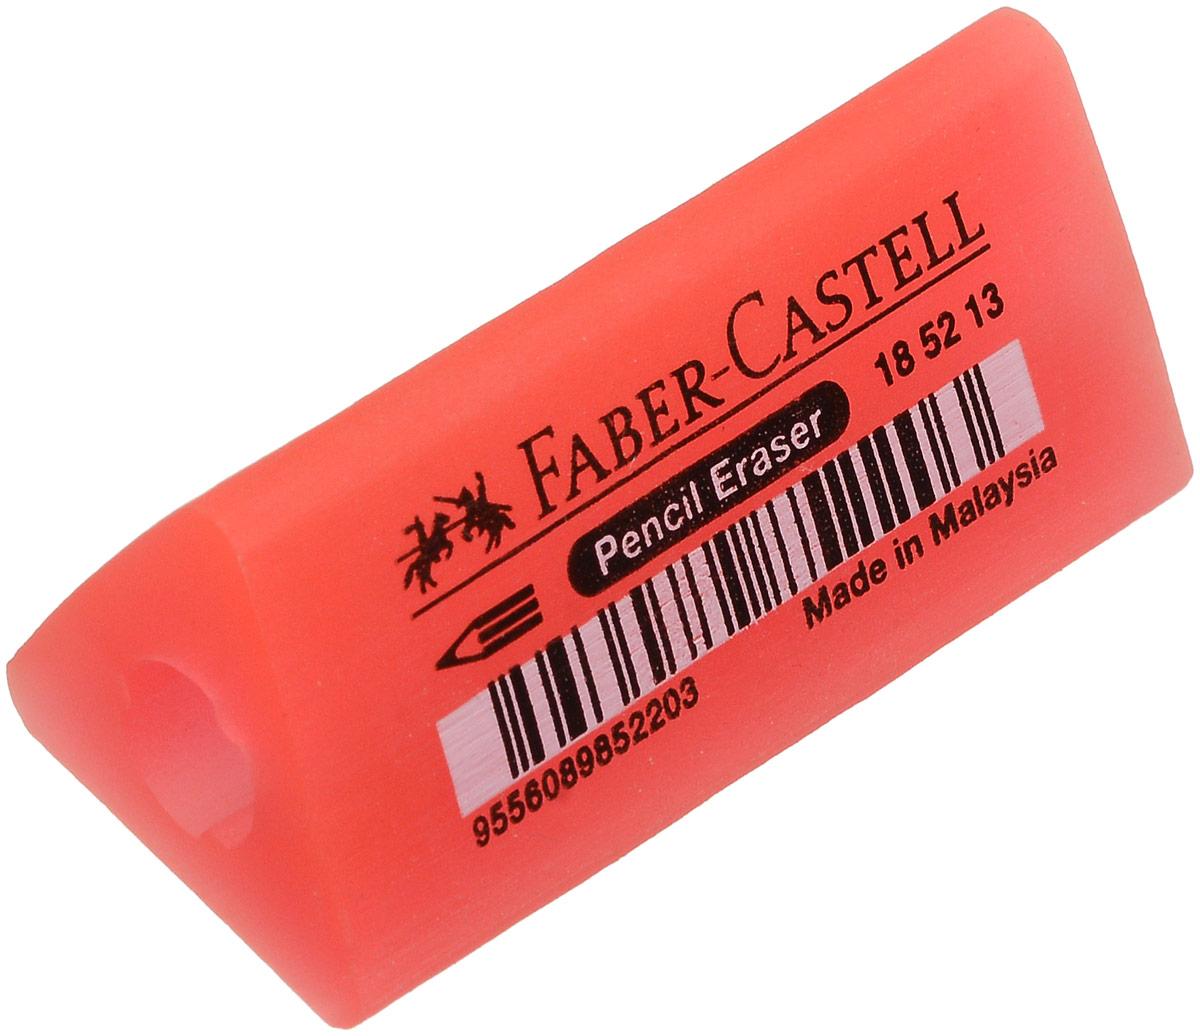 Faber-Castell Ластик-манжетка флуоресцентный цвет красный 185213185213_красныйЛастик Faber-Castell может быть использован в качестве манжетки для карандашей. У ластика эргономичная трехгранная форма, не содержит ПВХ.